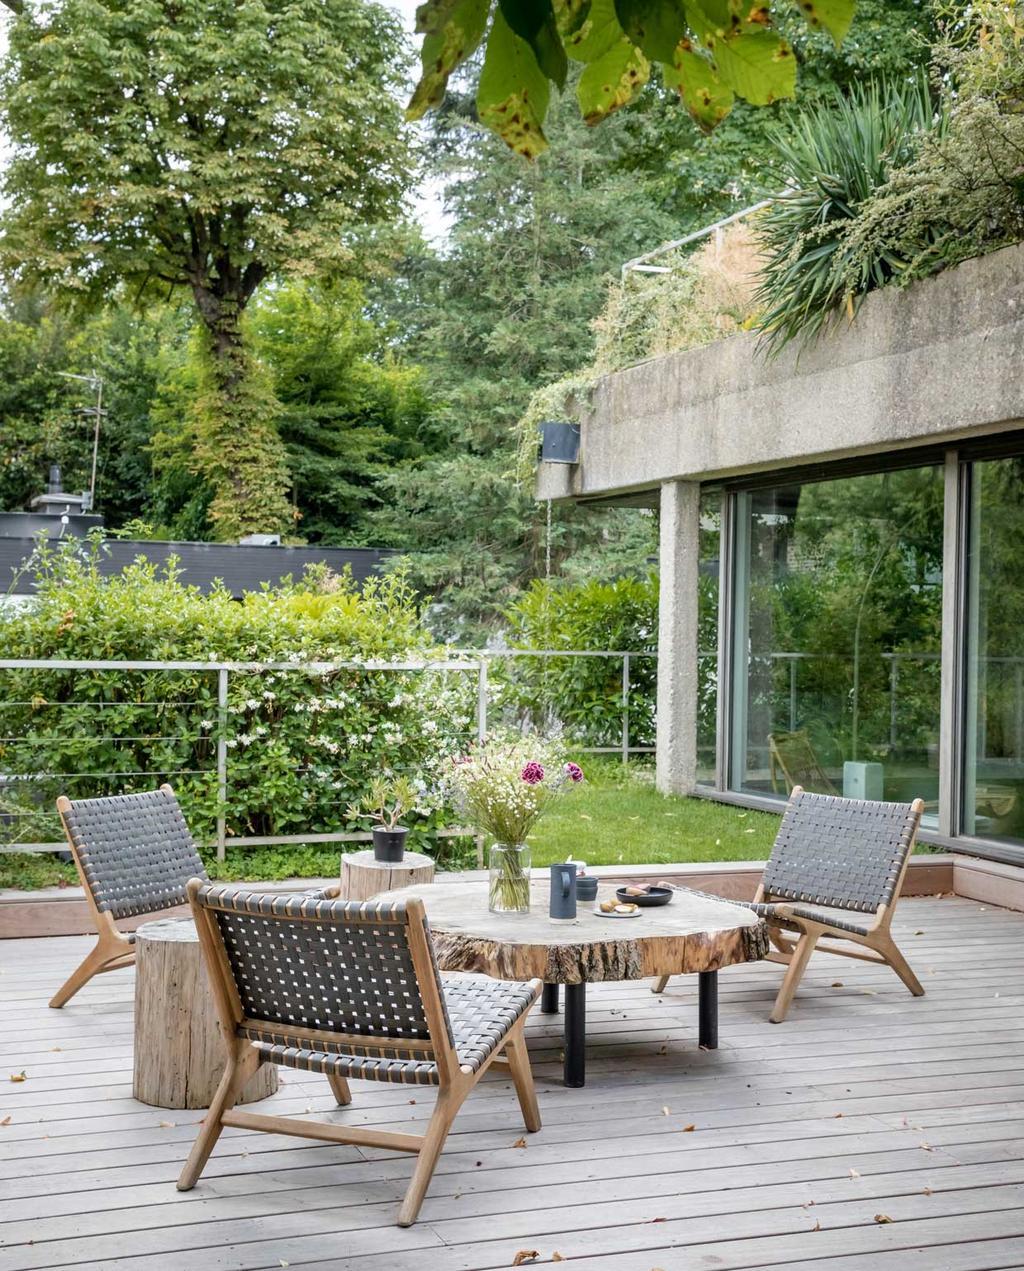 vtwonen 09-2020 | Binnenkijken Frankrijk | tuin | veel groen en een zithoek met lage stoelen en tafel